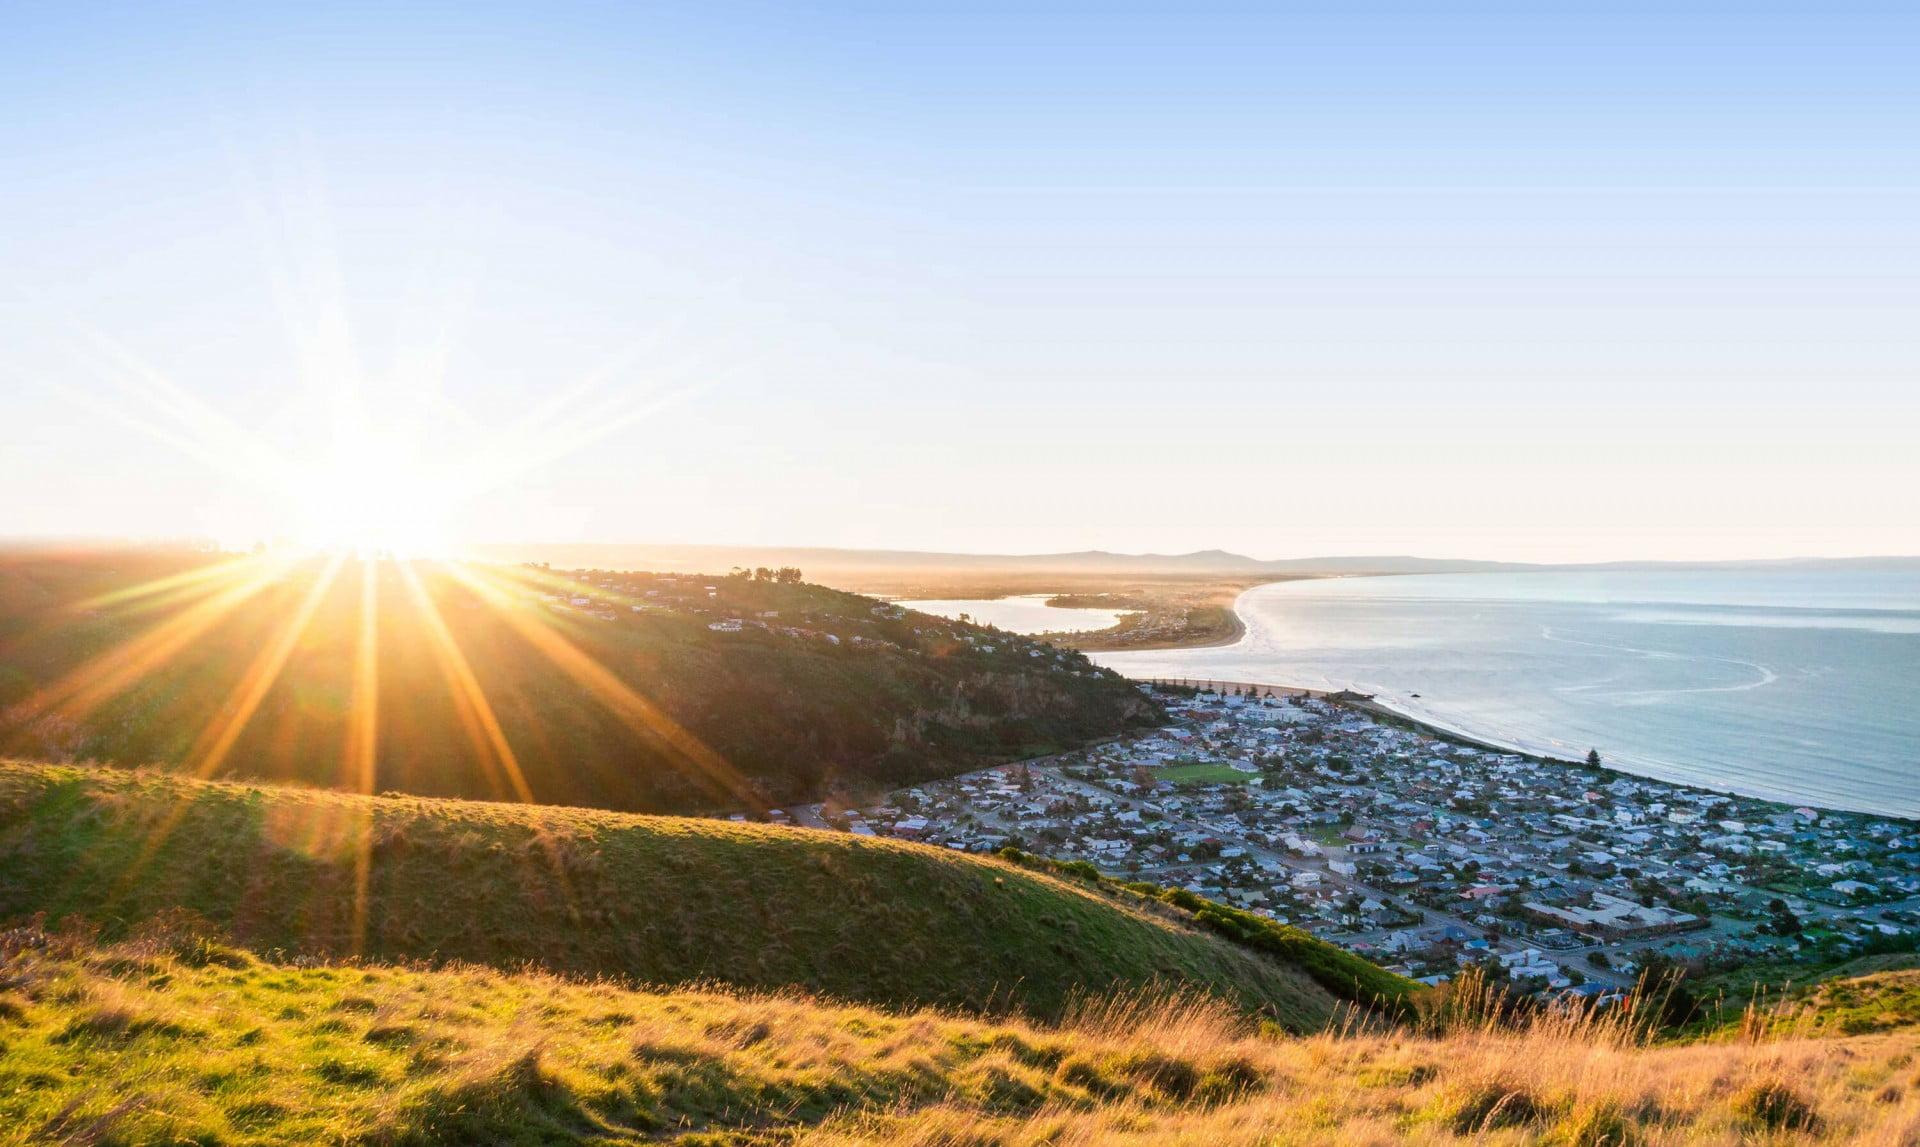 Sunset over Port Hills, Christchurch, New Zealand.